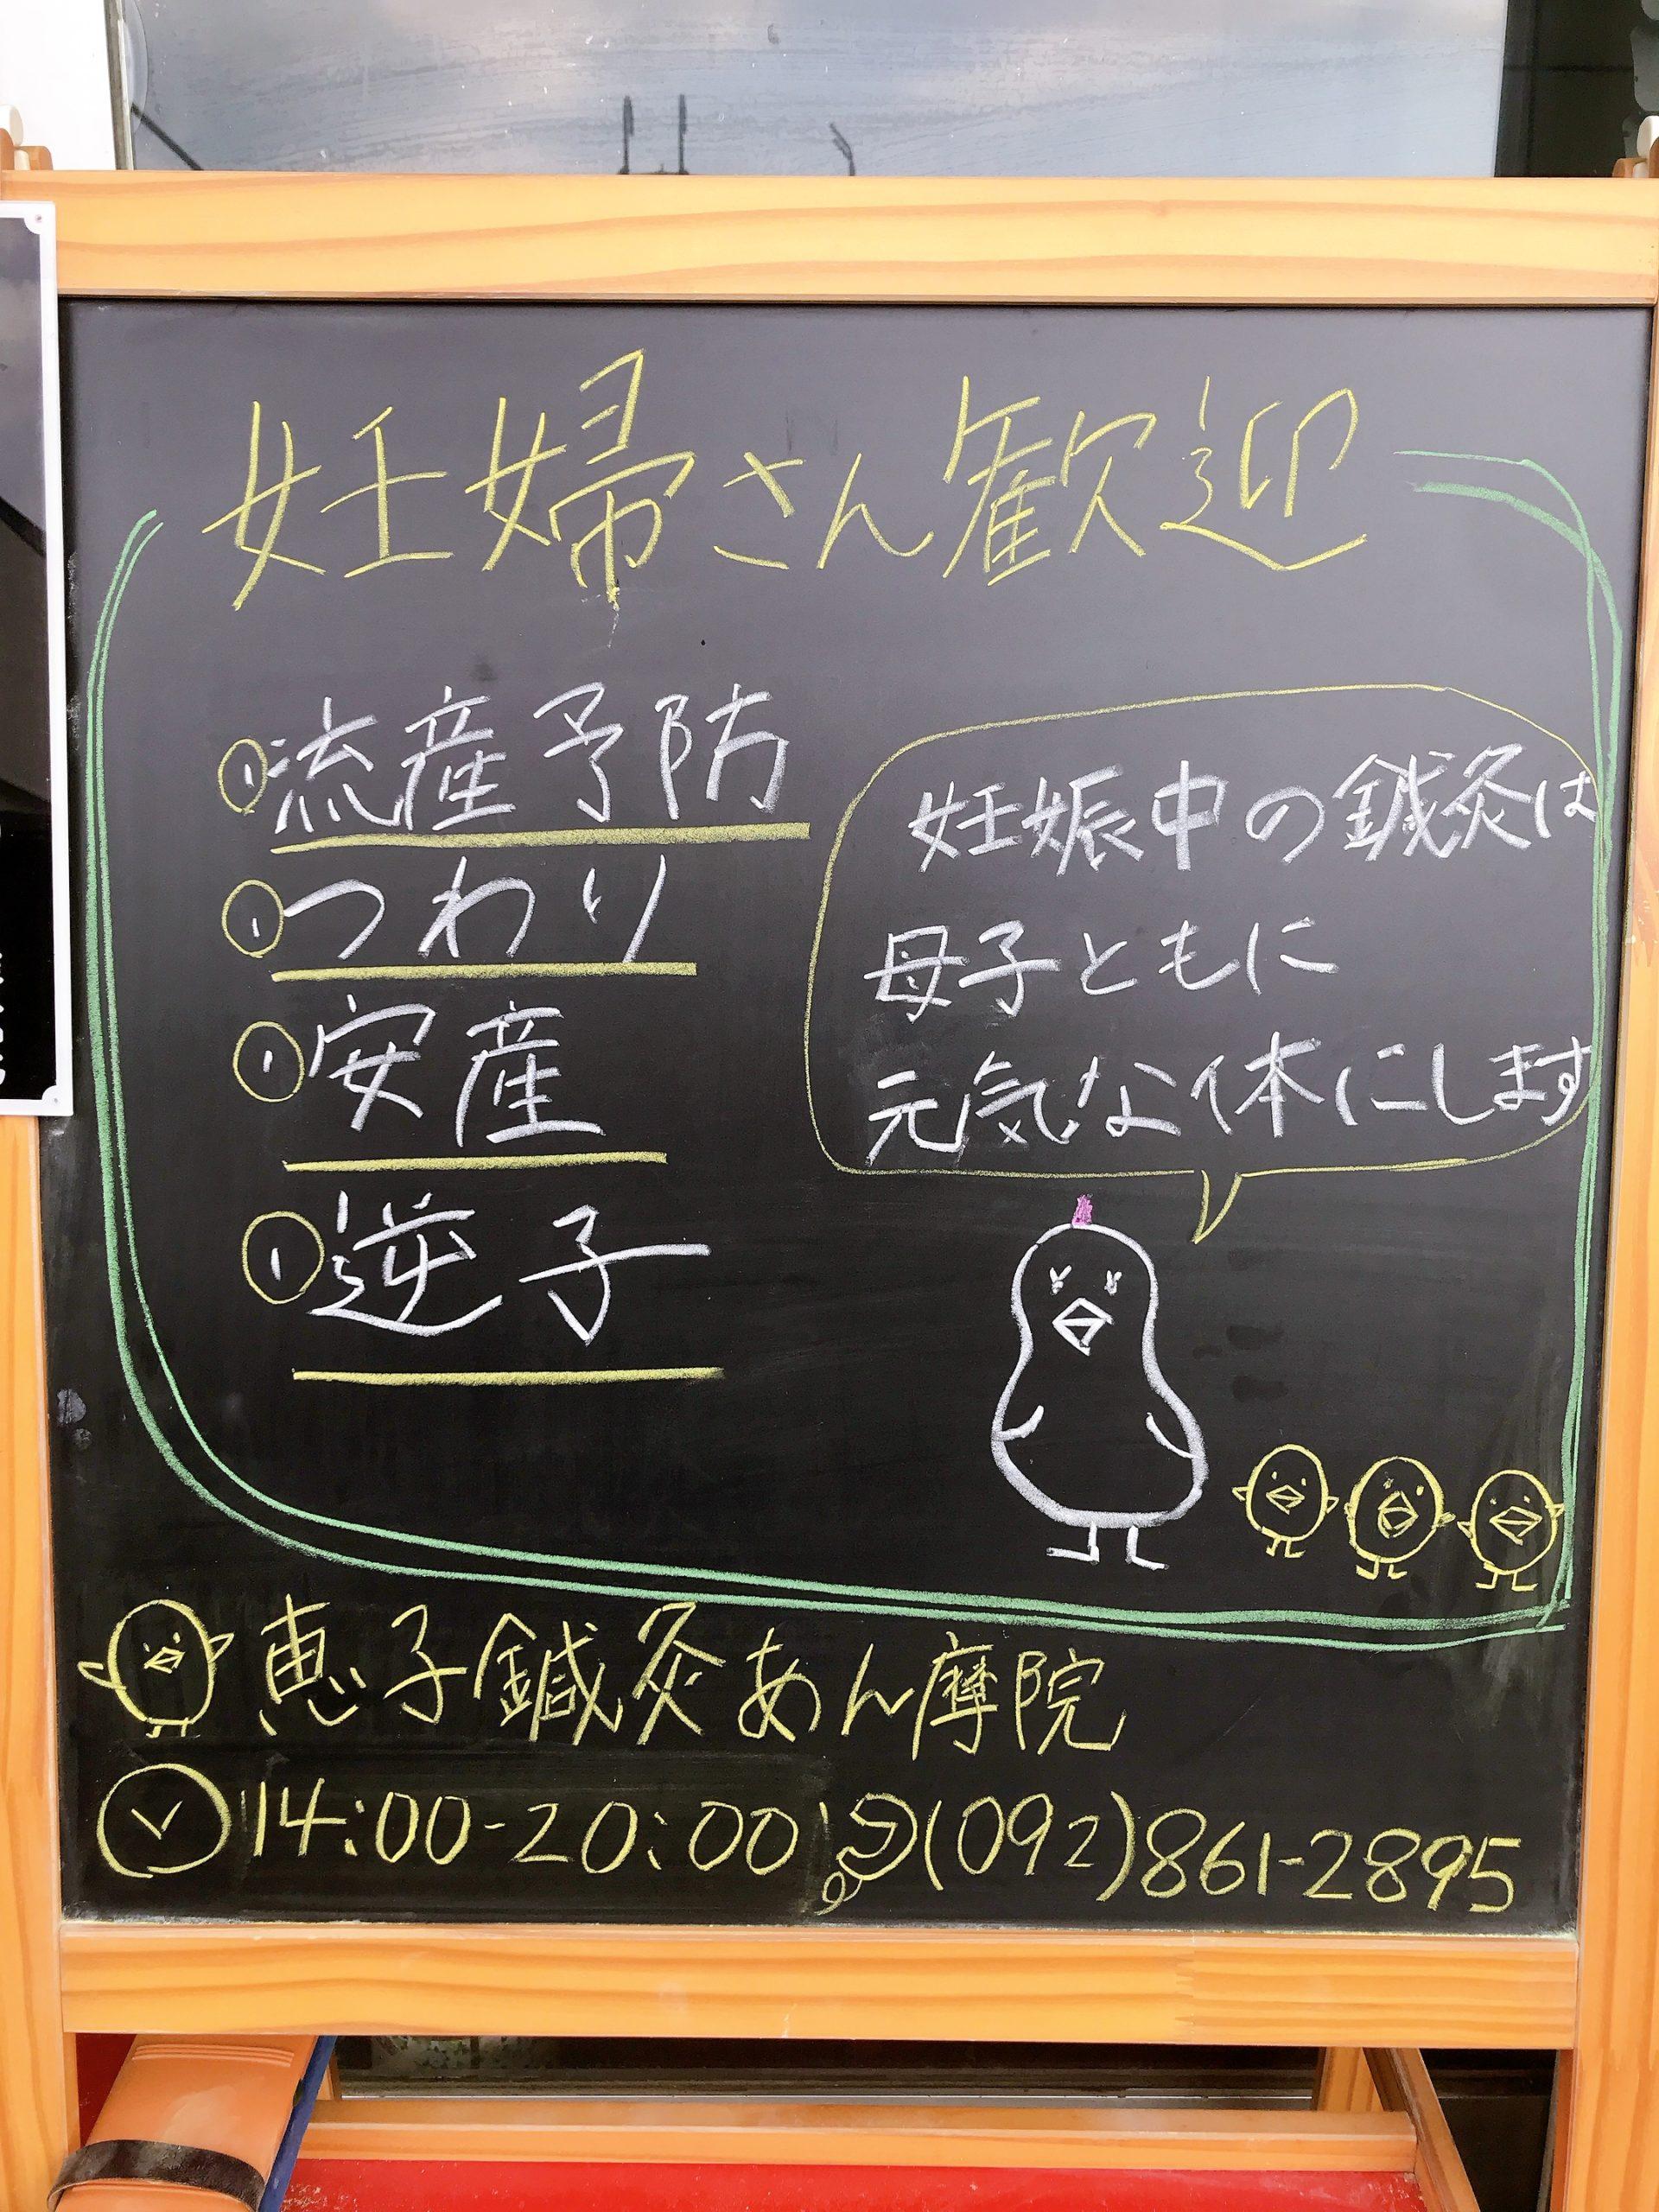 今週の看板〜妊婦さん歓迎〜